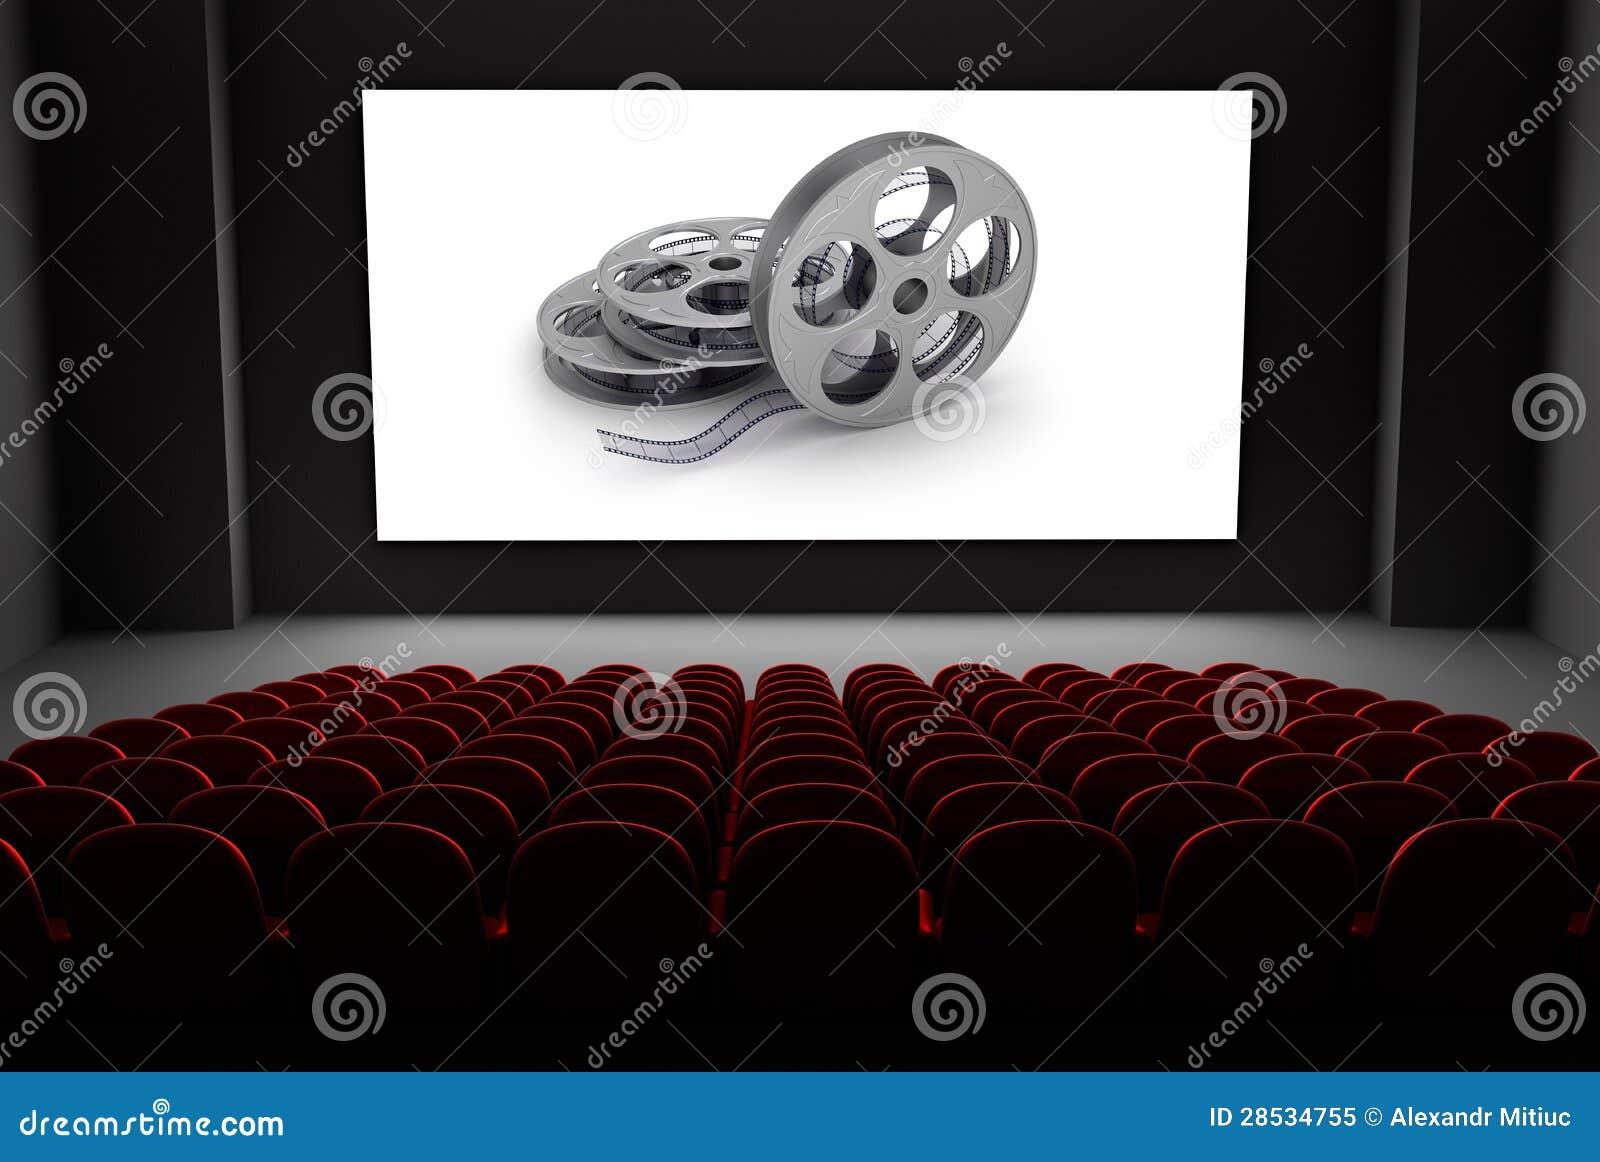 Teatro do cinema com os carretéis do filme na tela.